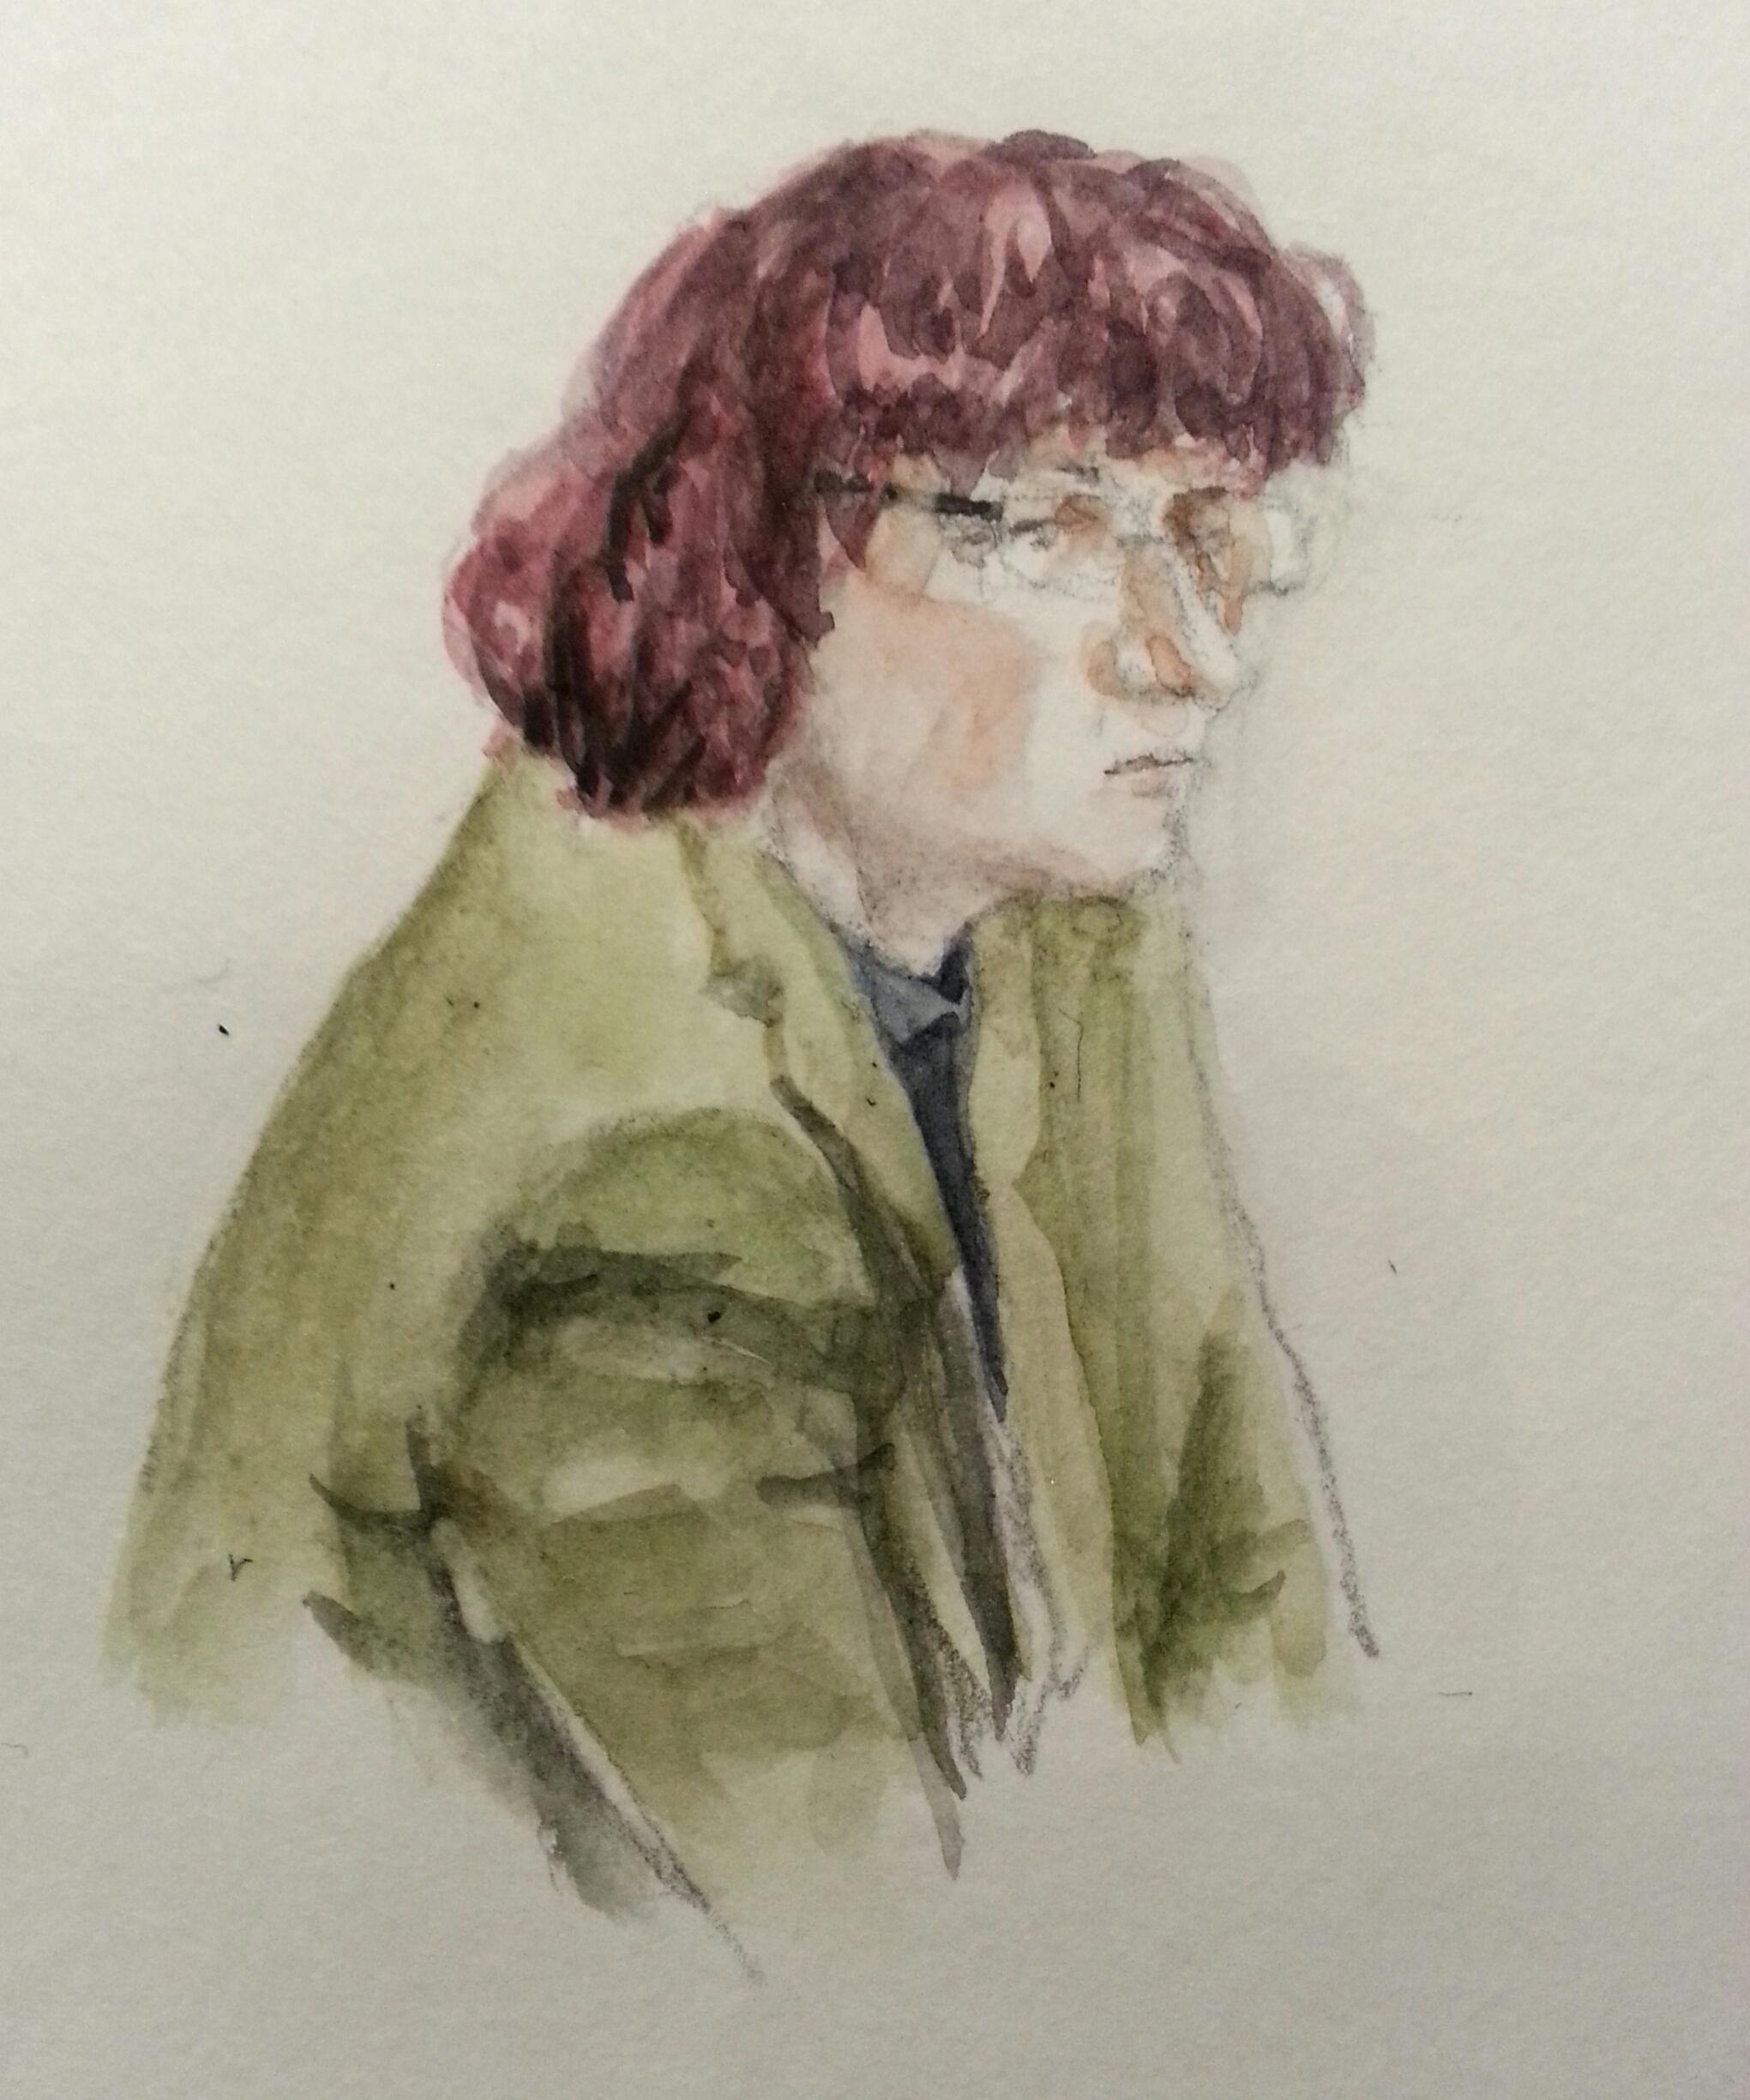 Zeugin Frau K. bei ihrer Anhörung. Zeichnung: Stella Schiffczyk.